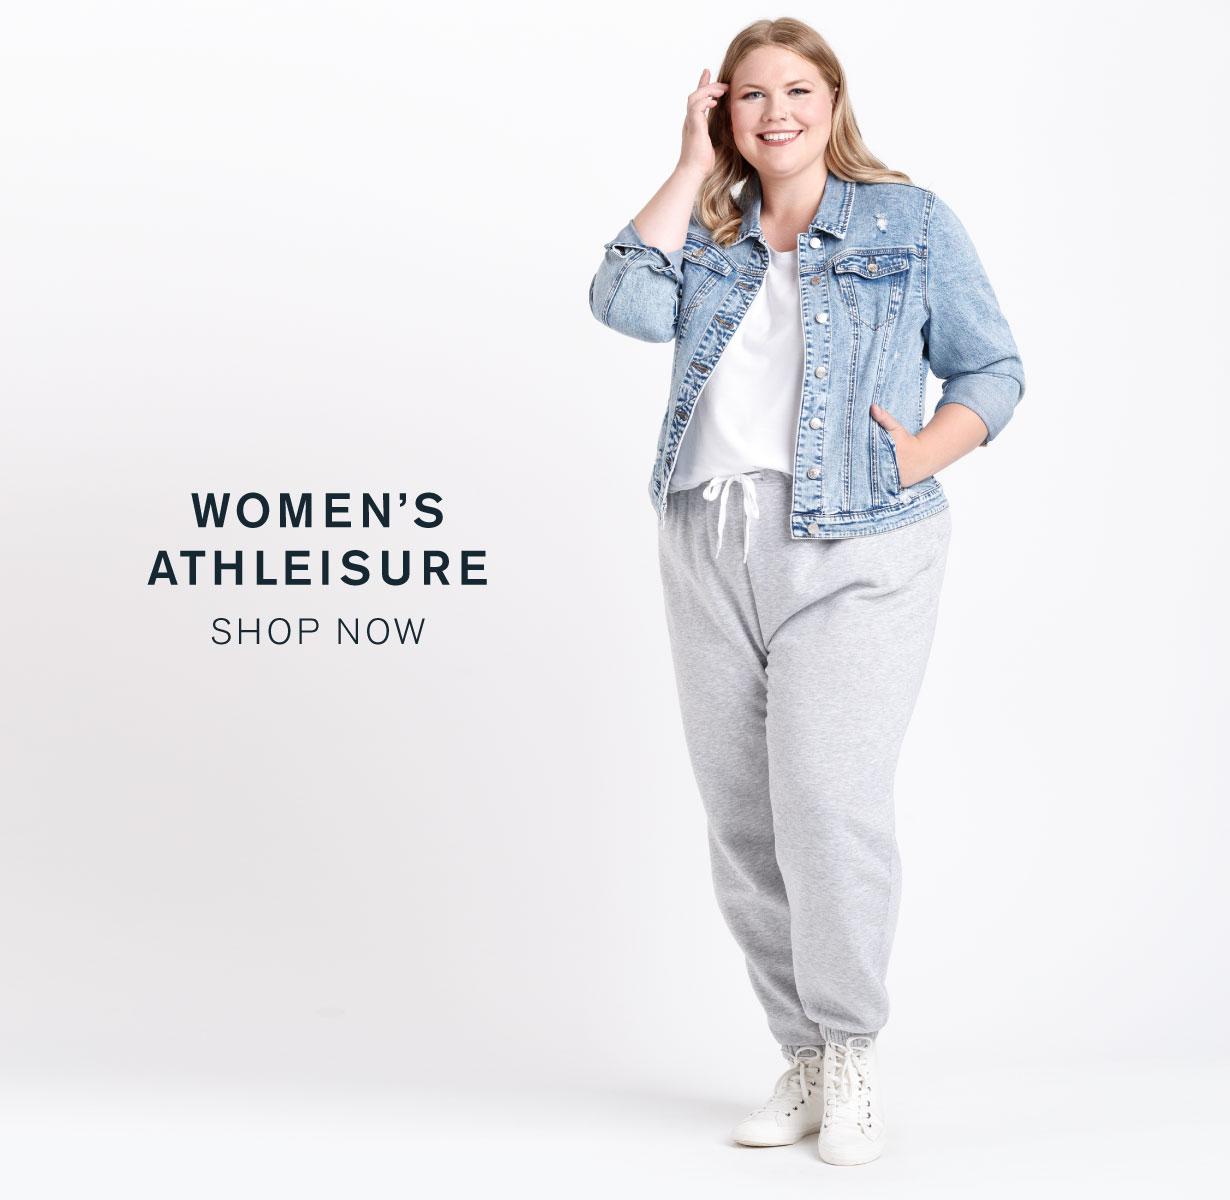 Women's Athleisure